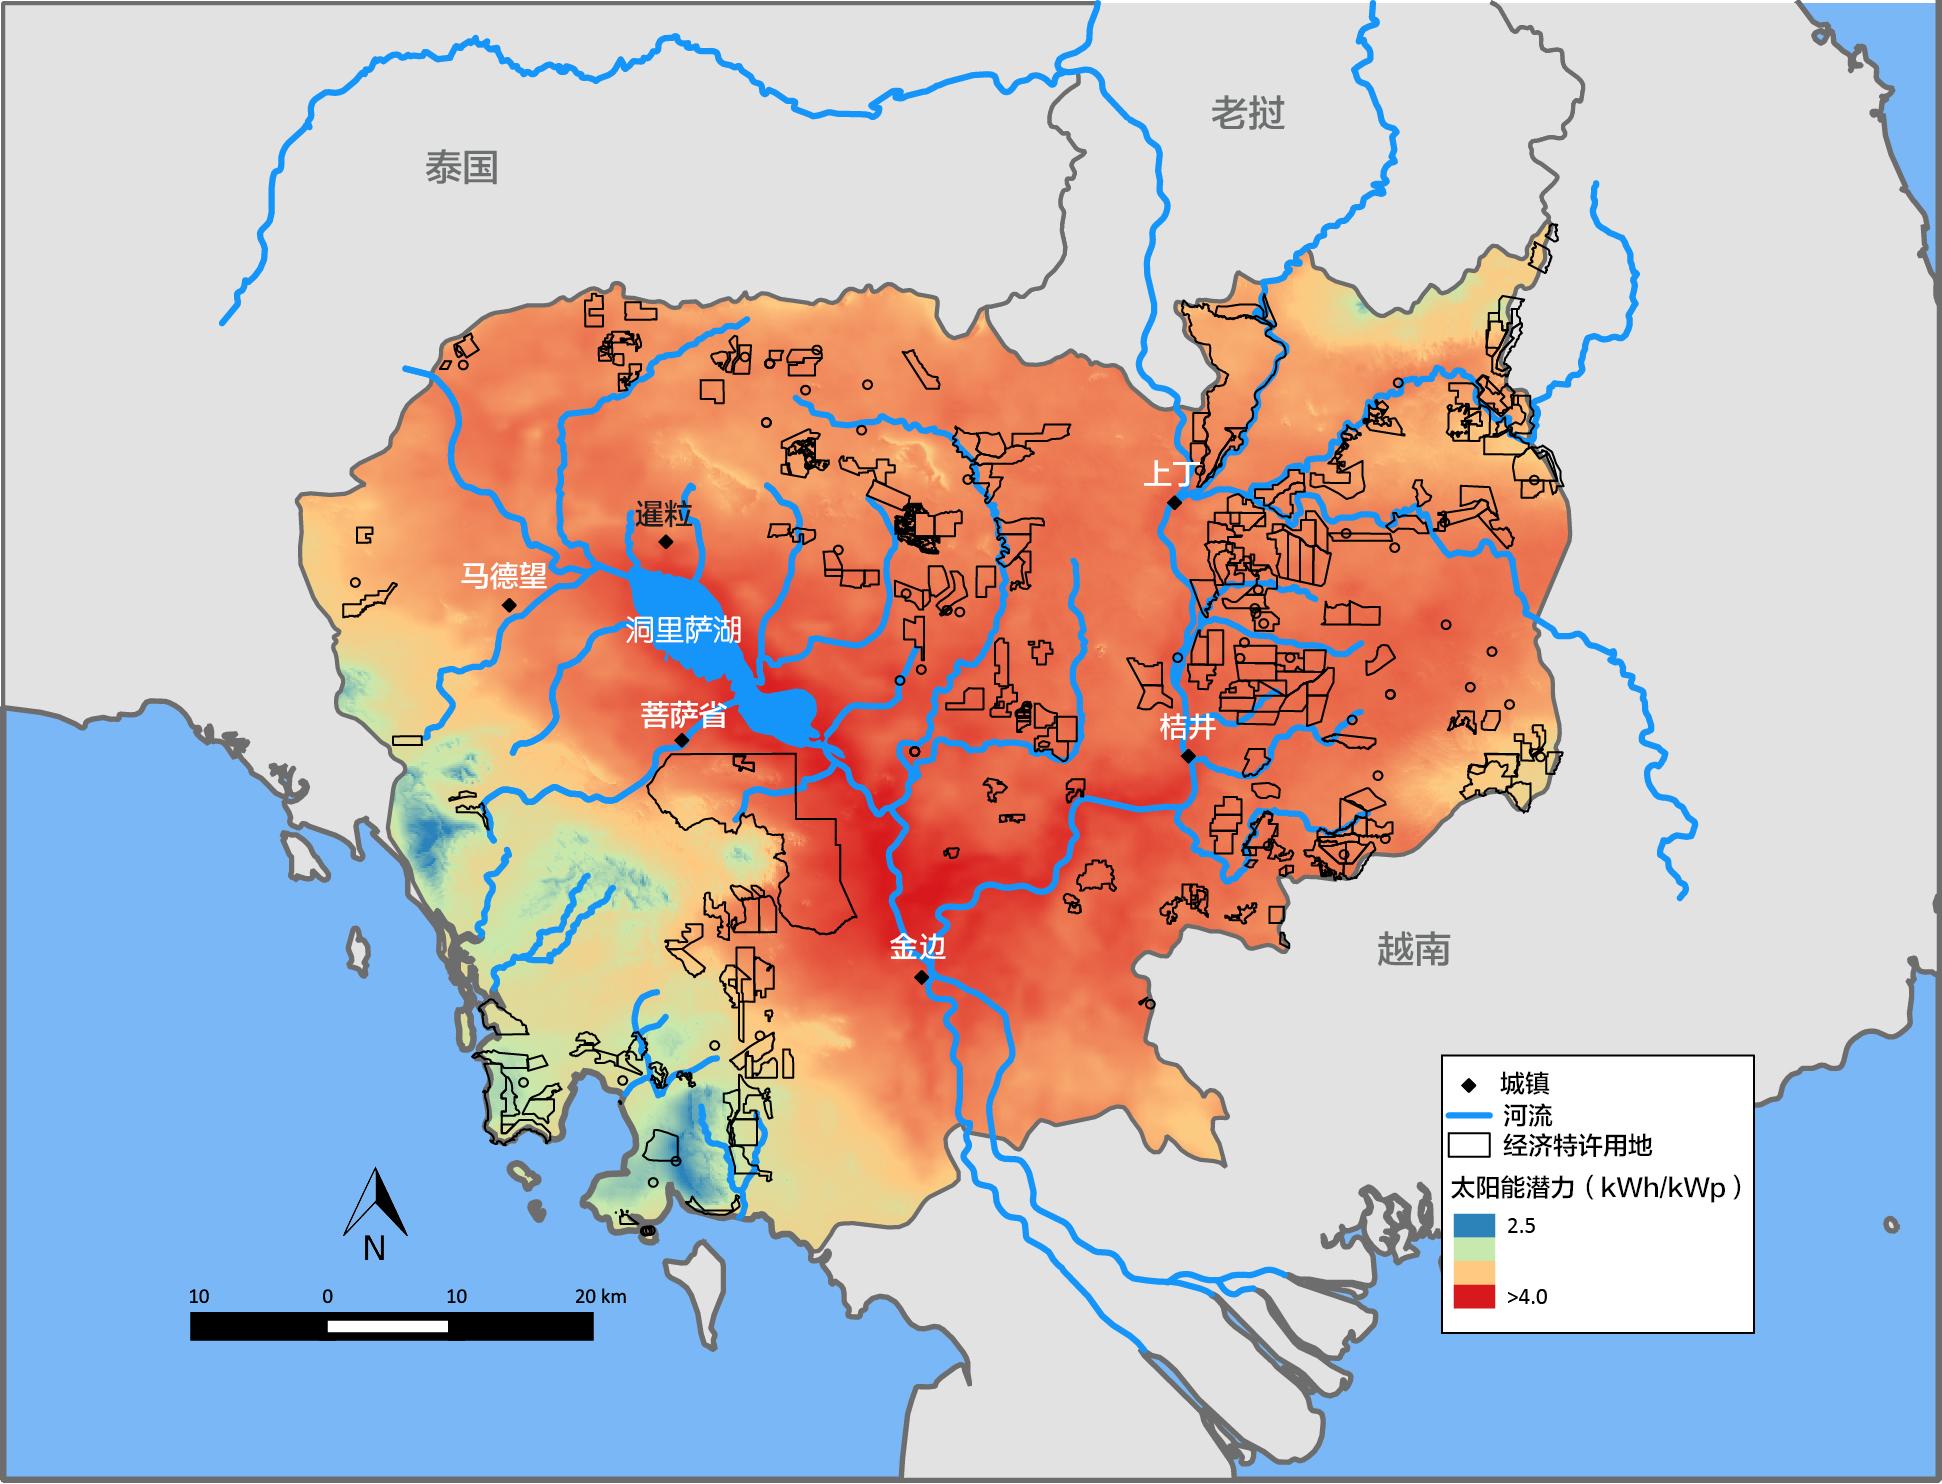 柬埔寨的经济特许用地和太阳能潜力